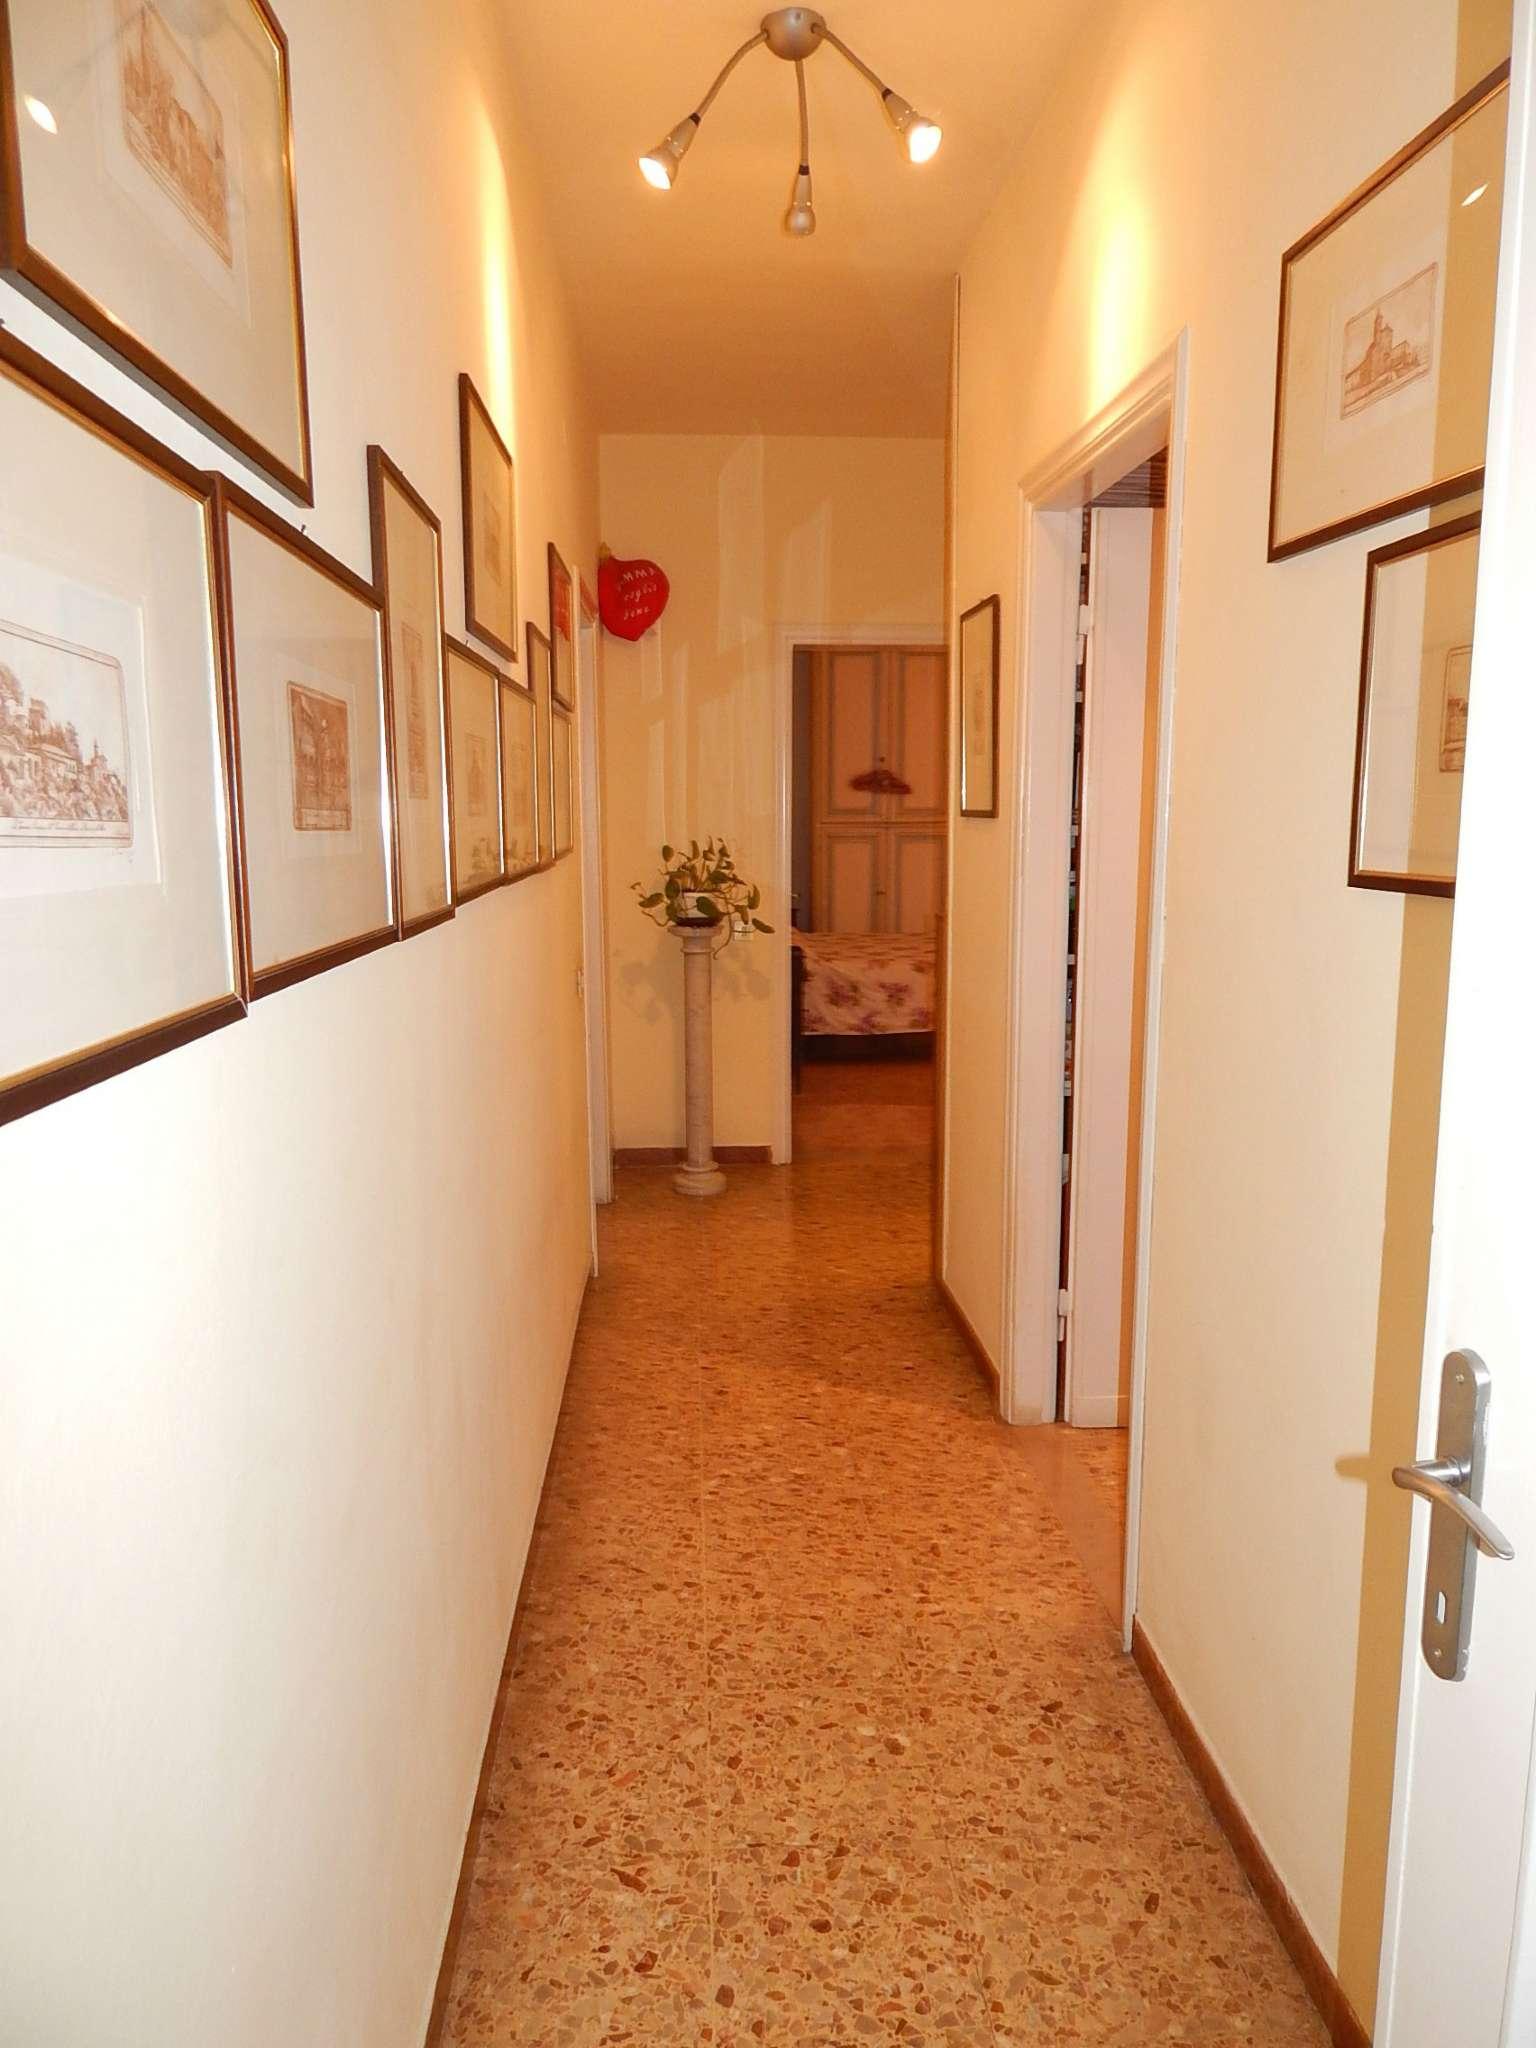 Appartamento, fratelli rosselli, Porta a Lucca - Via del Brennero, Vendita - Pisa (Pisa)